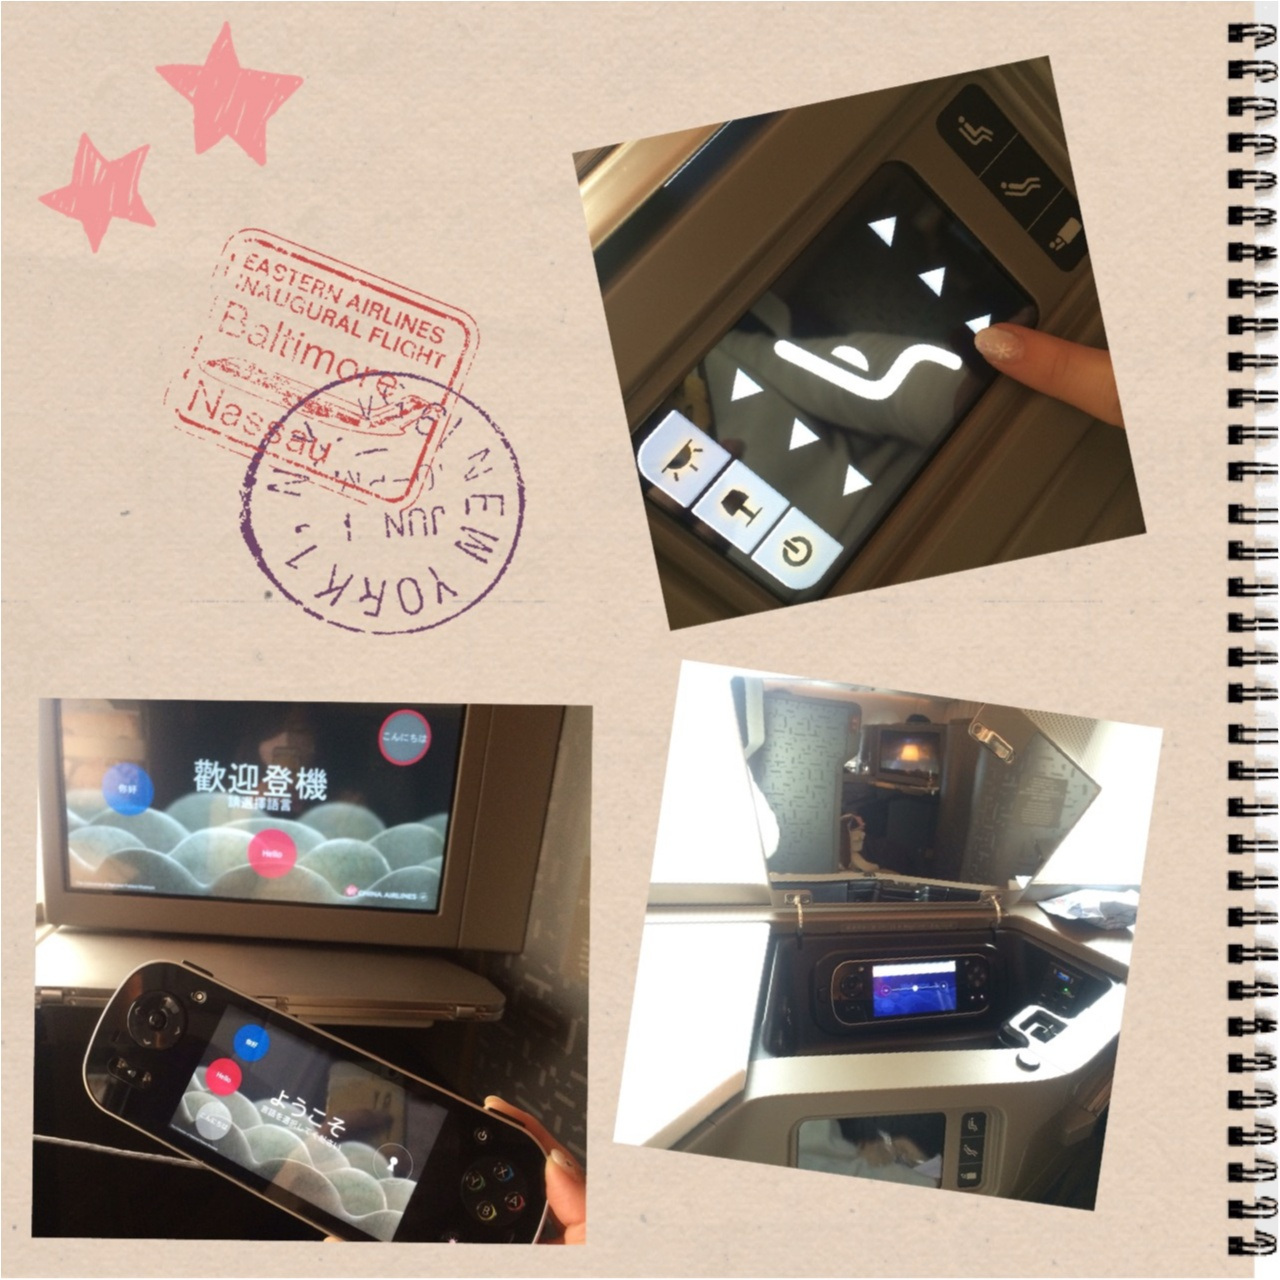 【vacation】日本にはまだない!最新ジェット機エアバスA350のビジネスクラスシートでゆったりトリップ♡_4